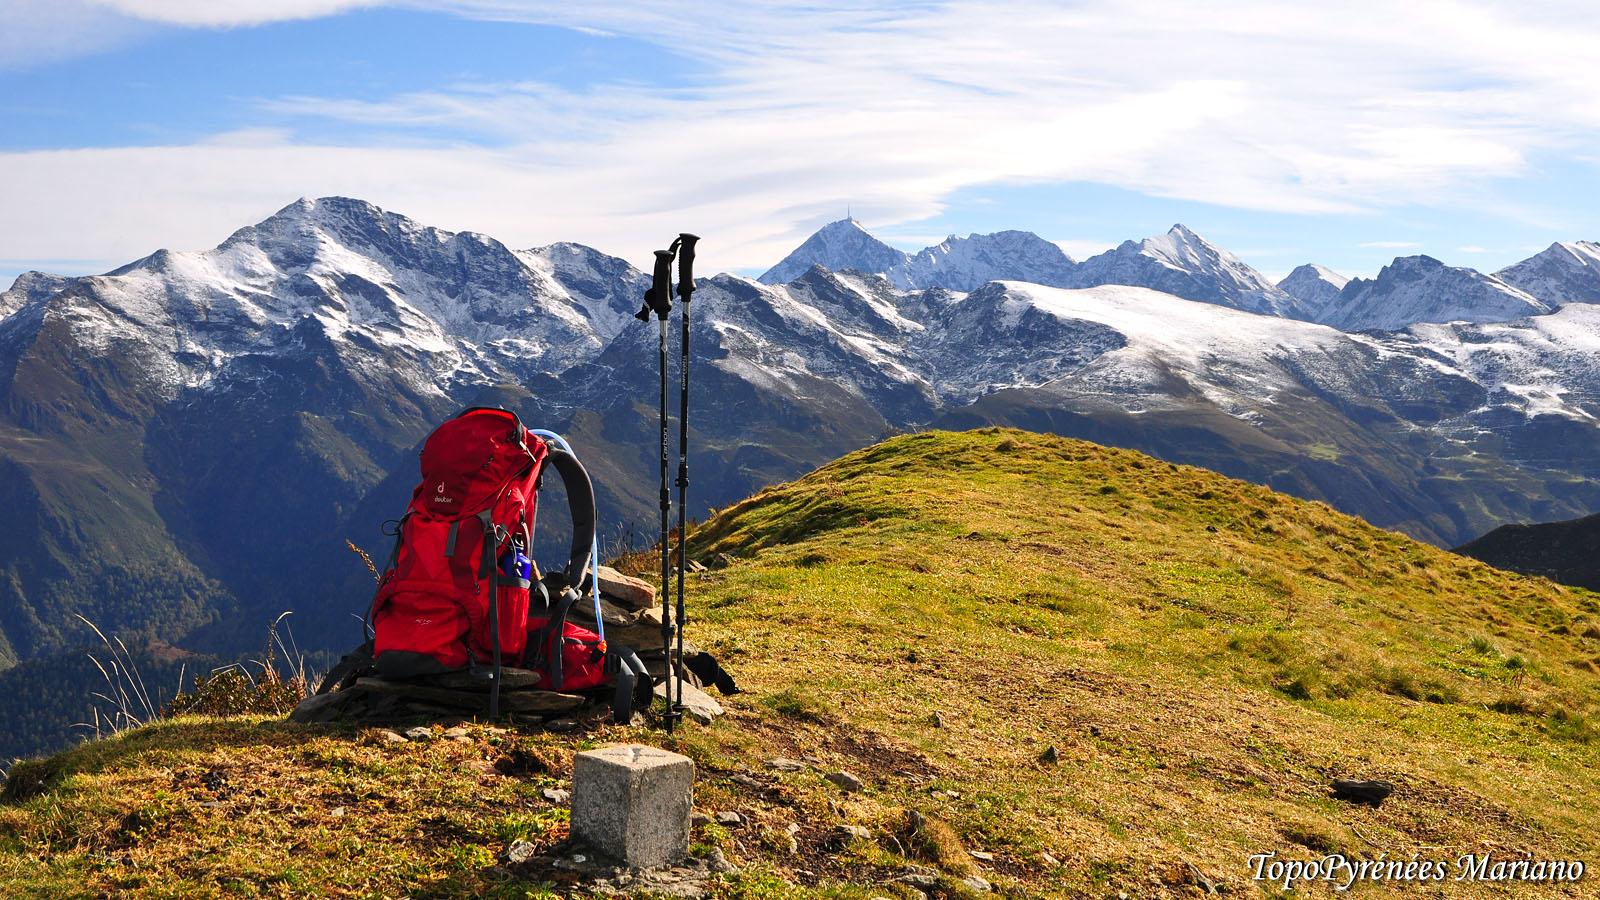 Randonnée Pic Hautacam (1746m) par les crêtes depuis le village de Ousté (630m)